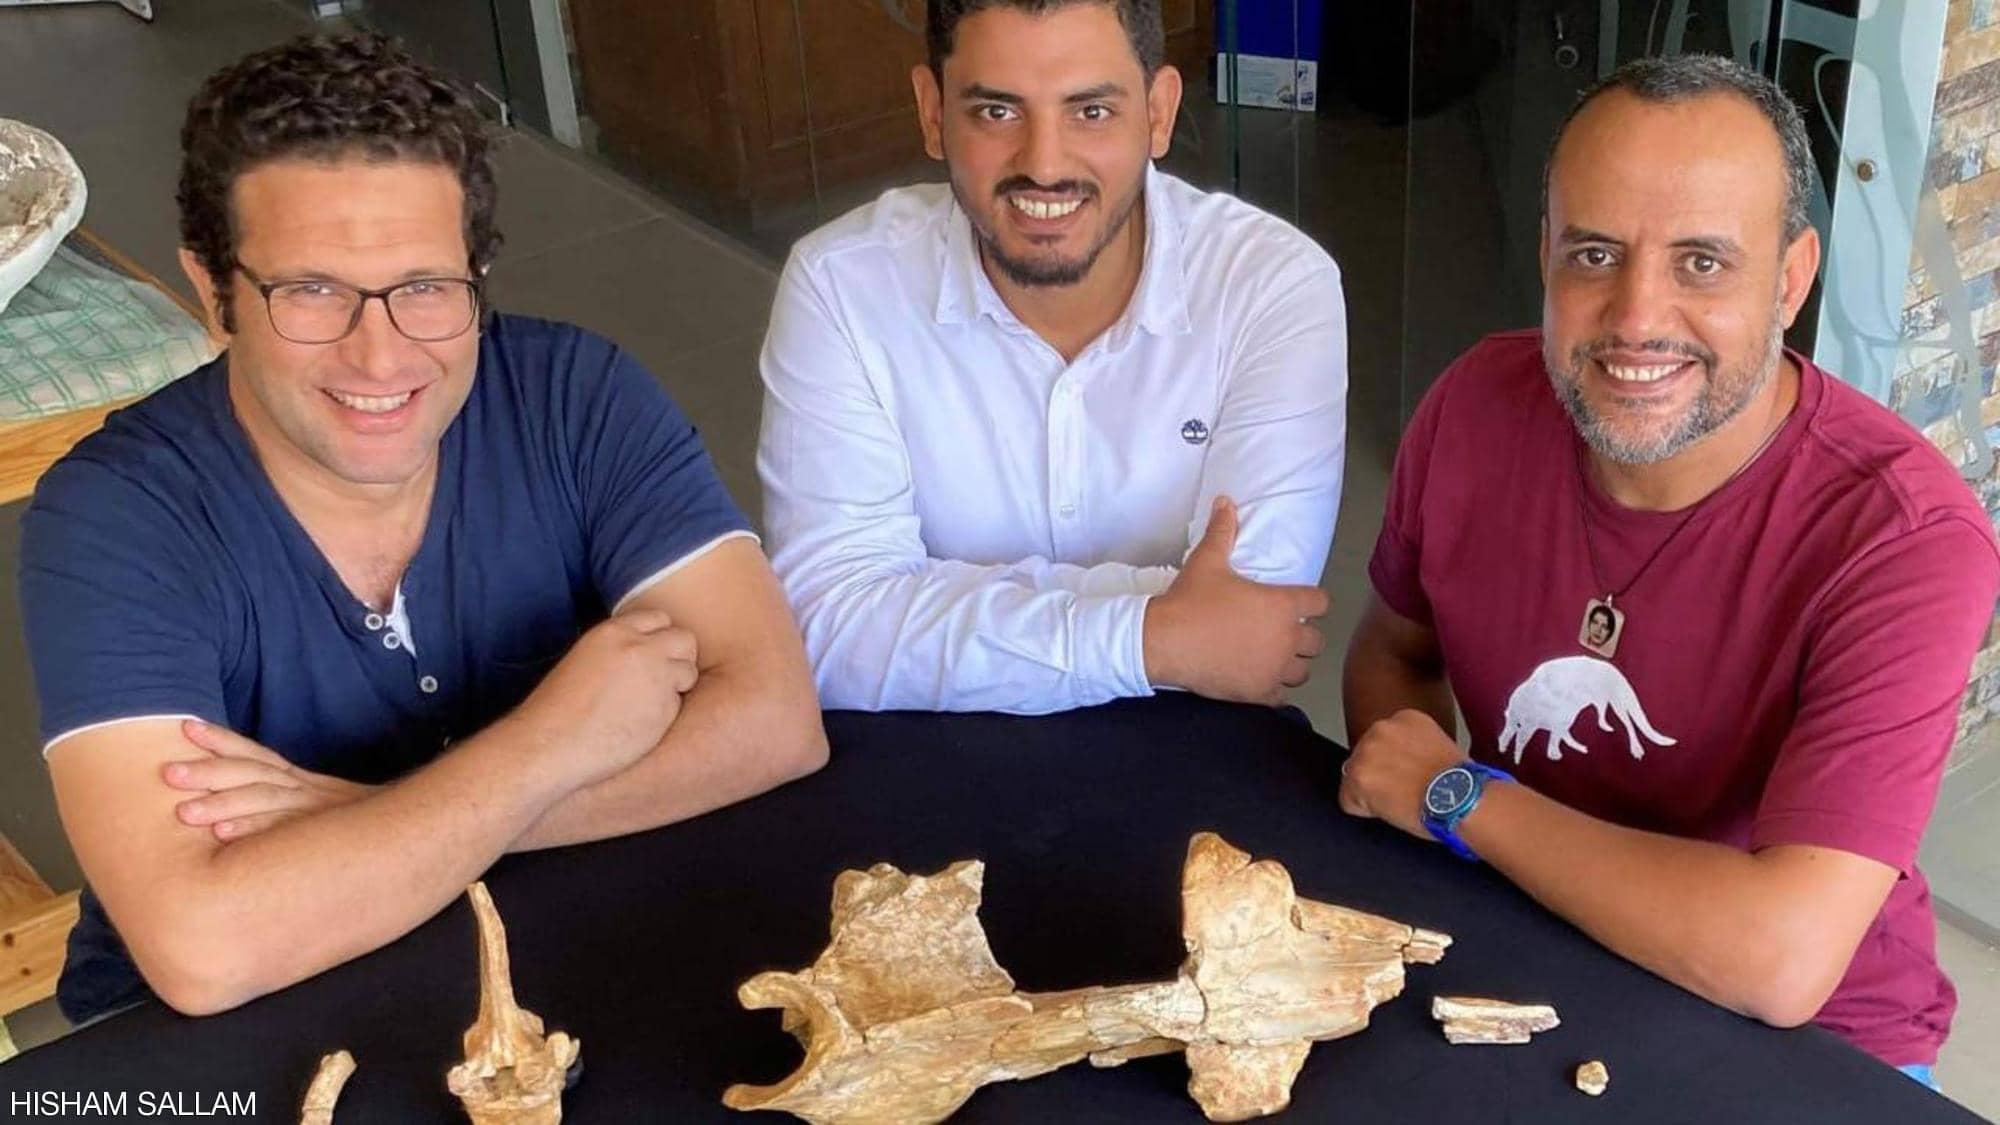 انجاز مصري مذهل.. اكتشاف حوت برمائي عاش قبل 43 مليون سنة